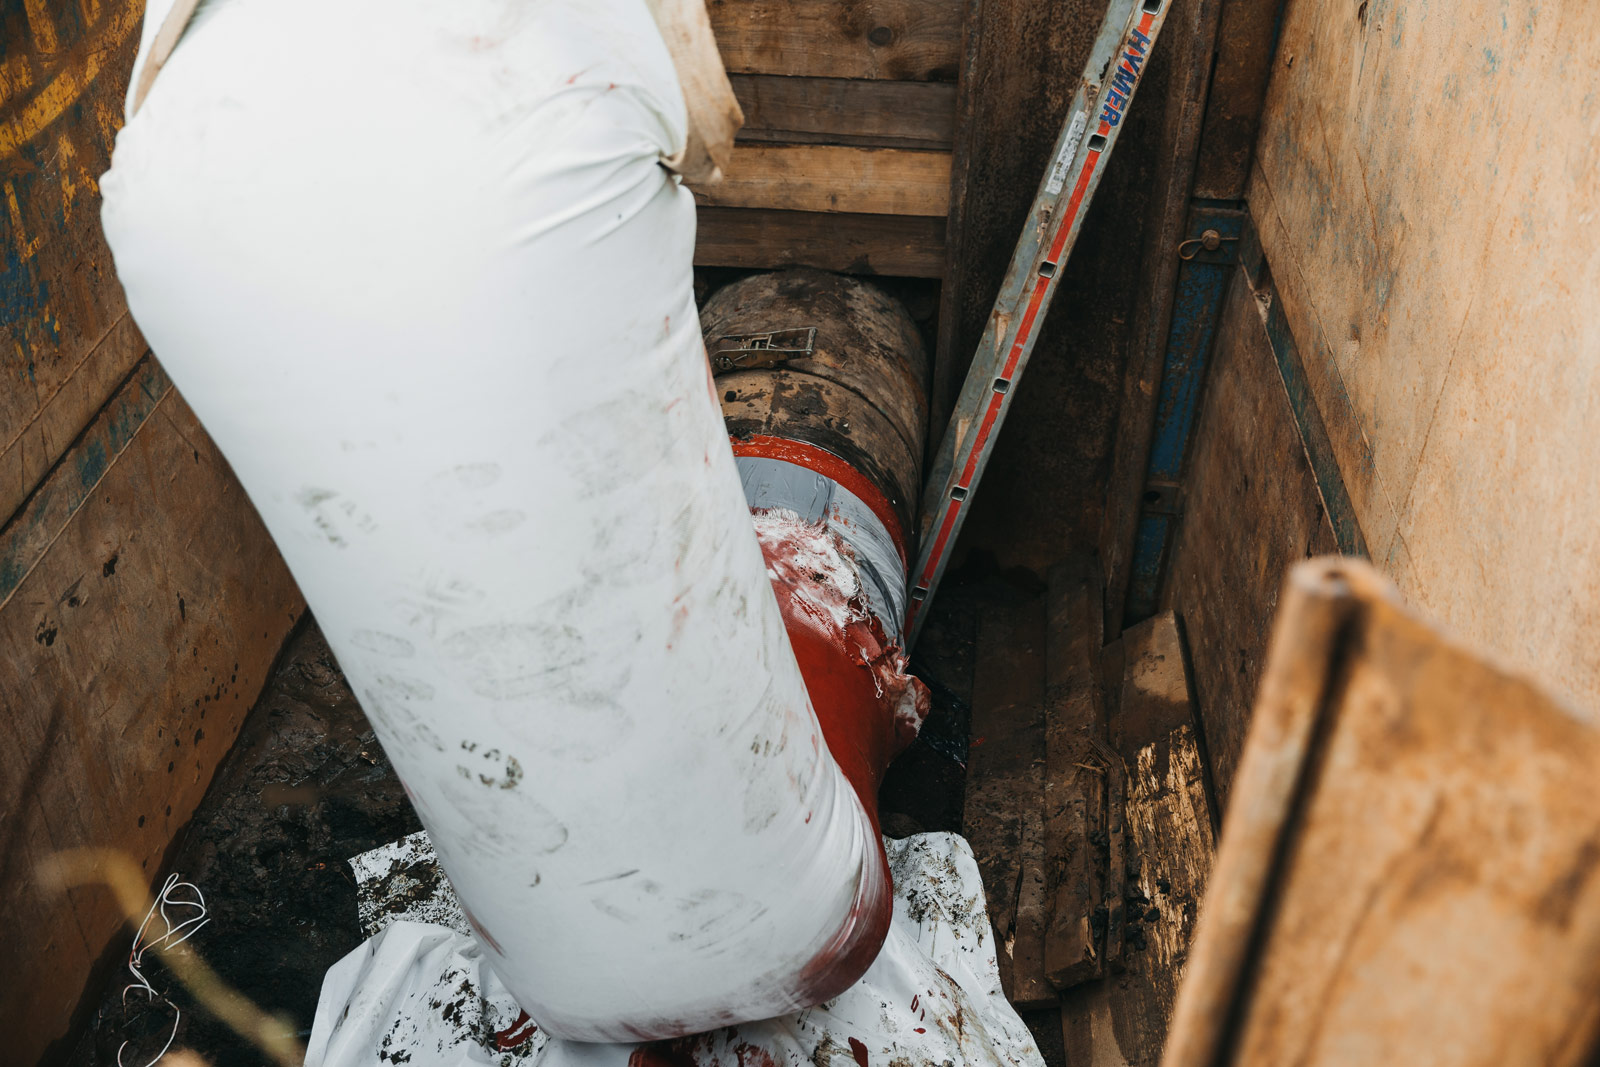 Walka z korozją w krakowskim wodociągu. Fot. Quality Studio